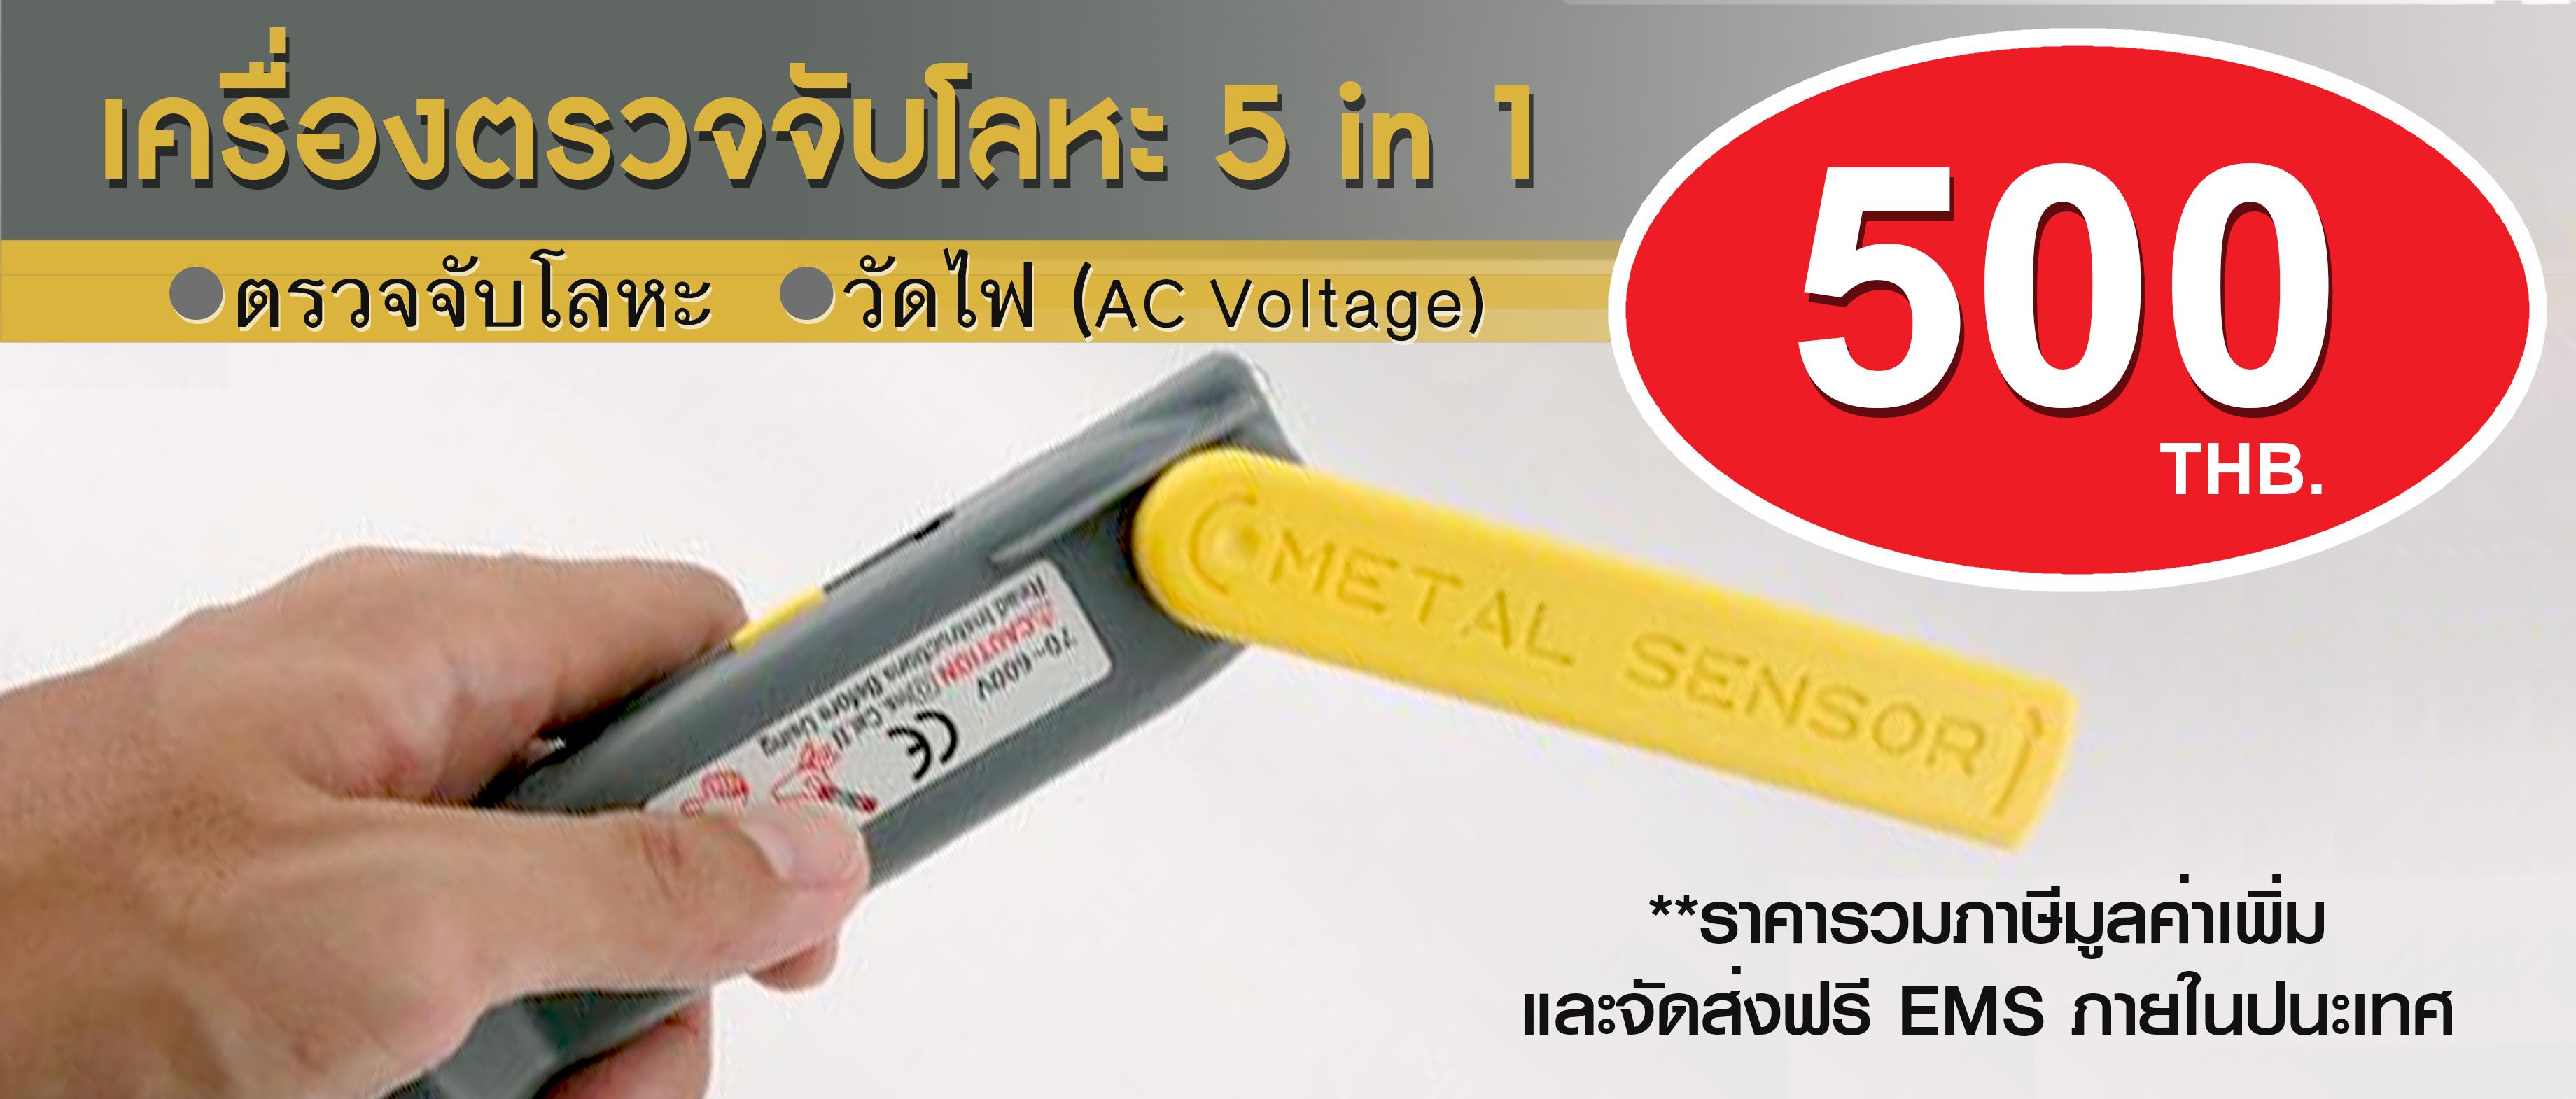 MEL-4 Voltage Detector เครื่องตรวงจับโลหะและกระแสไฟฟ้า